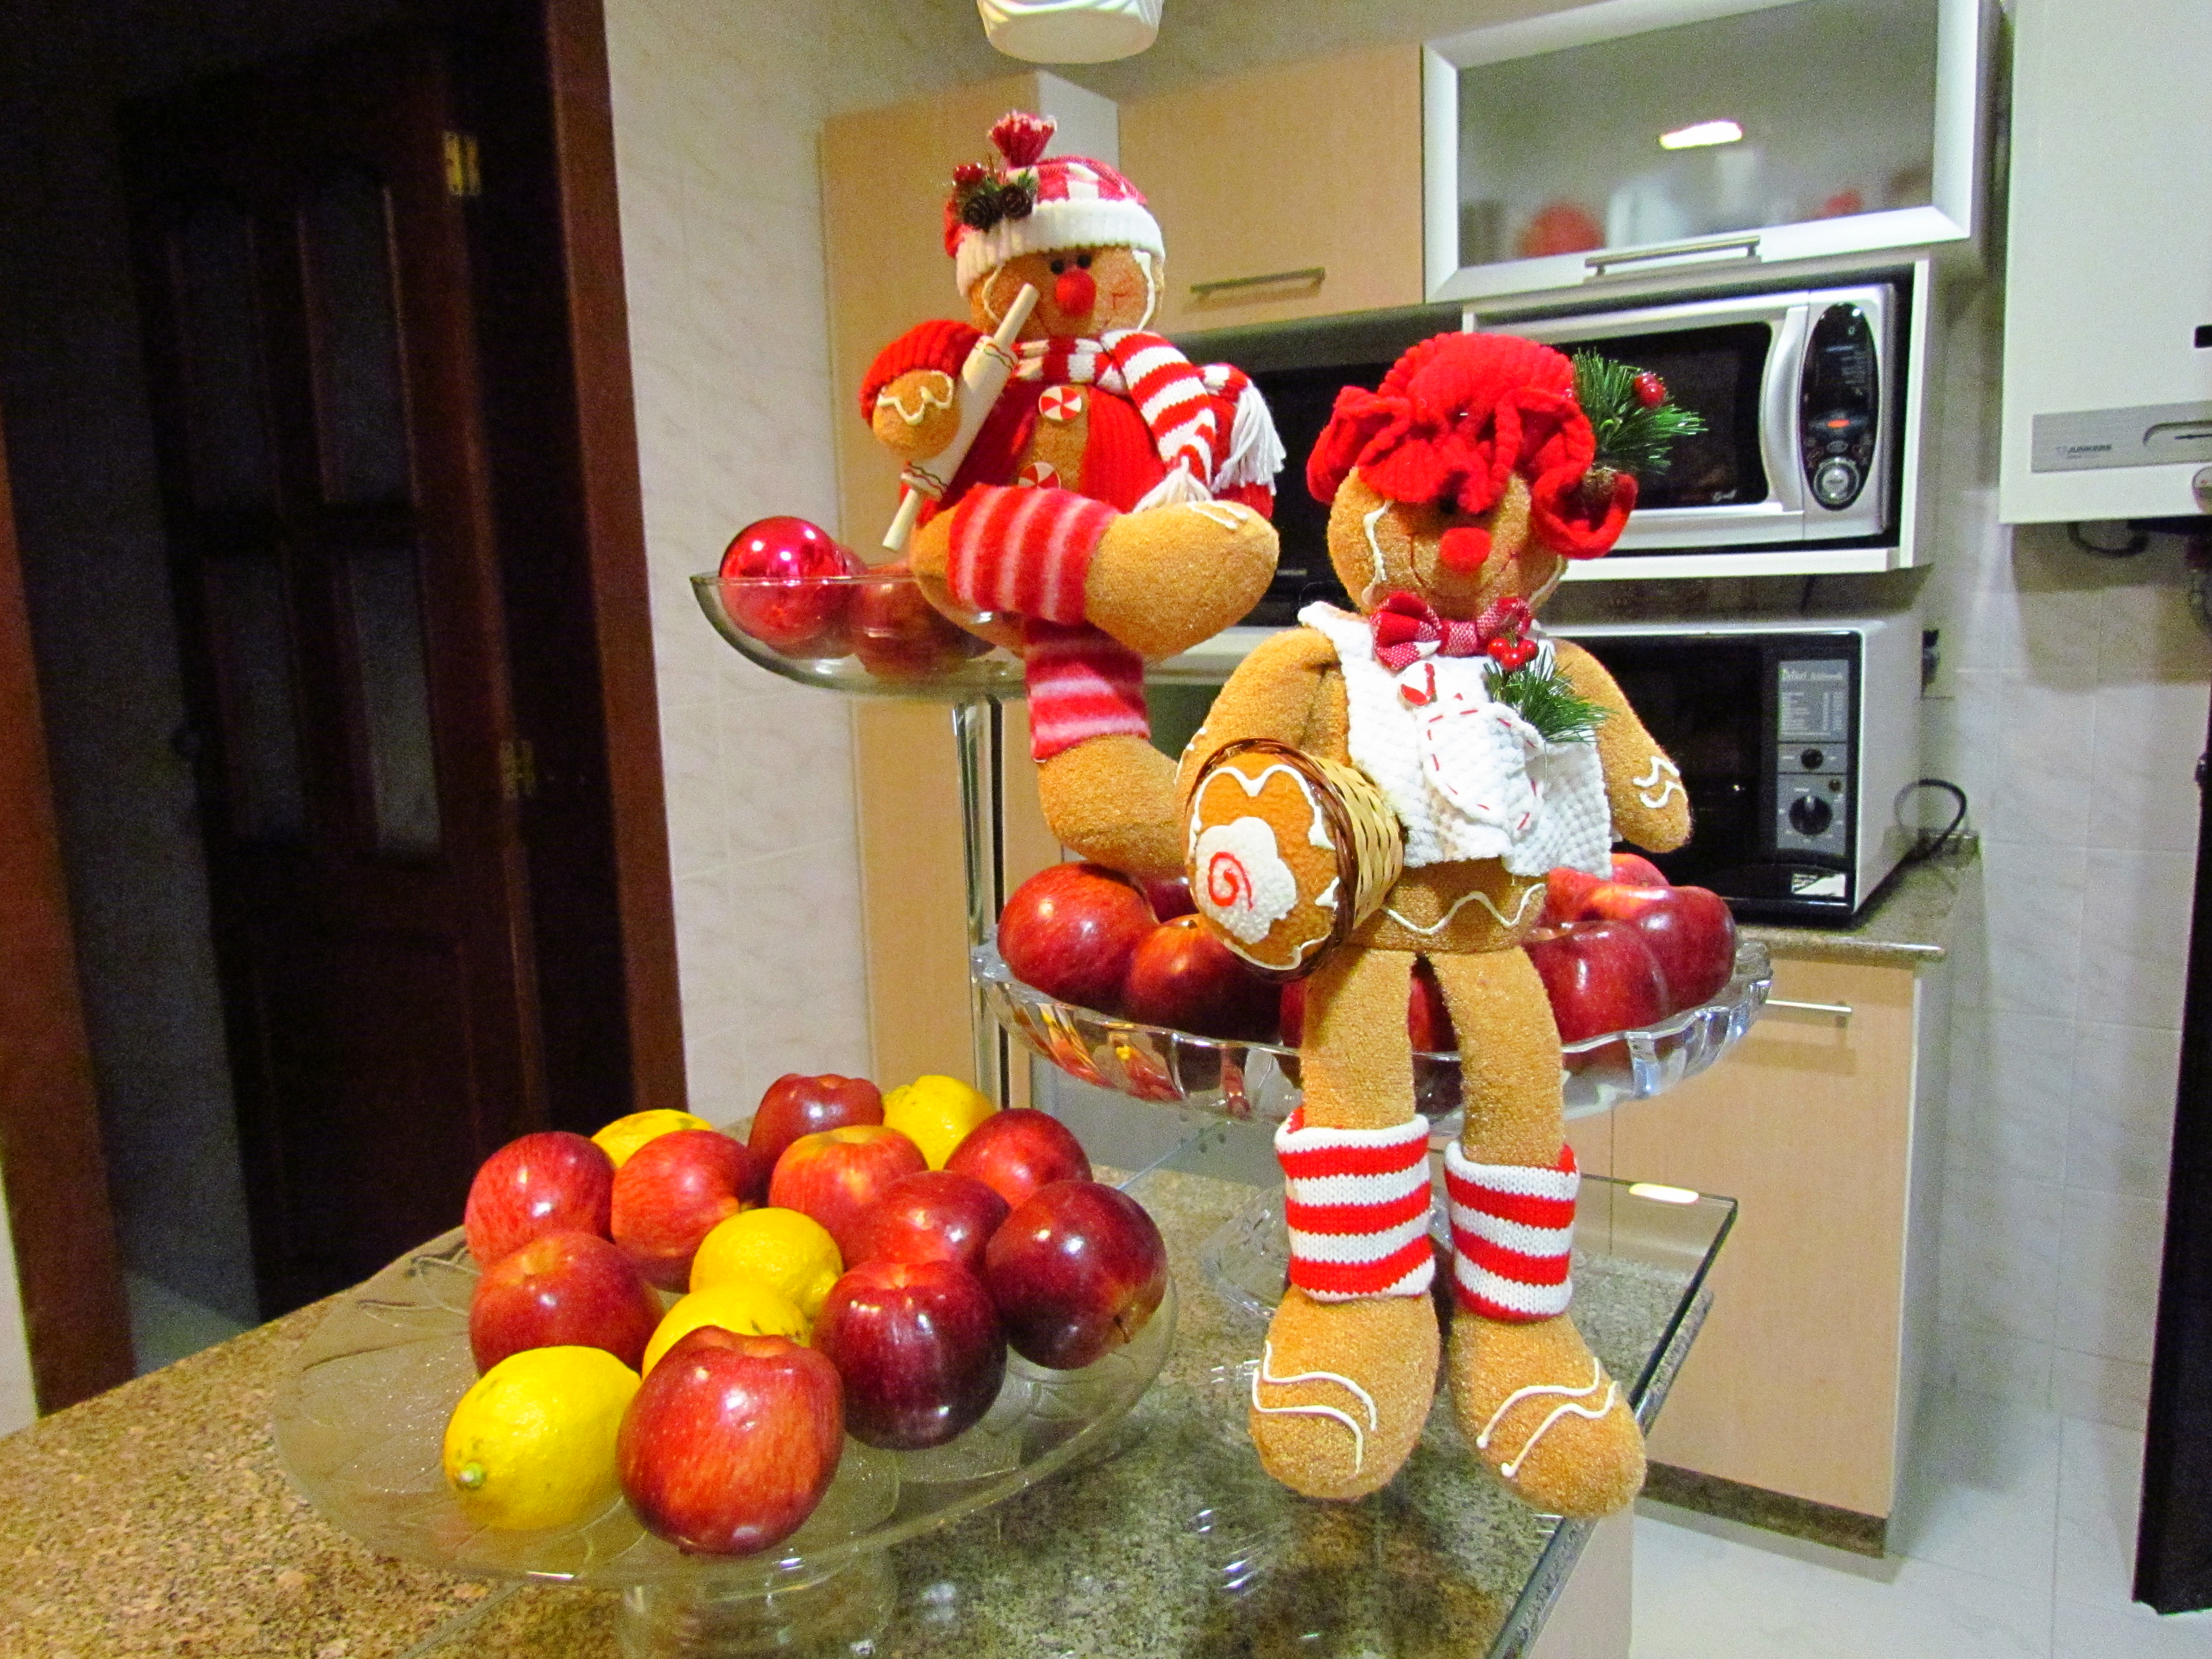 decoracao cozinha natal : decoracao cozinha natal:Uma decoração bem charmosa para terraços e varandas: